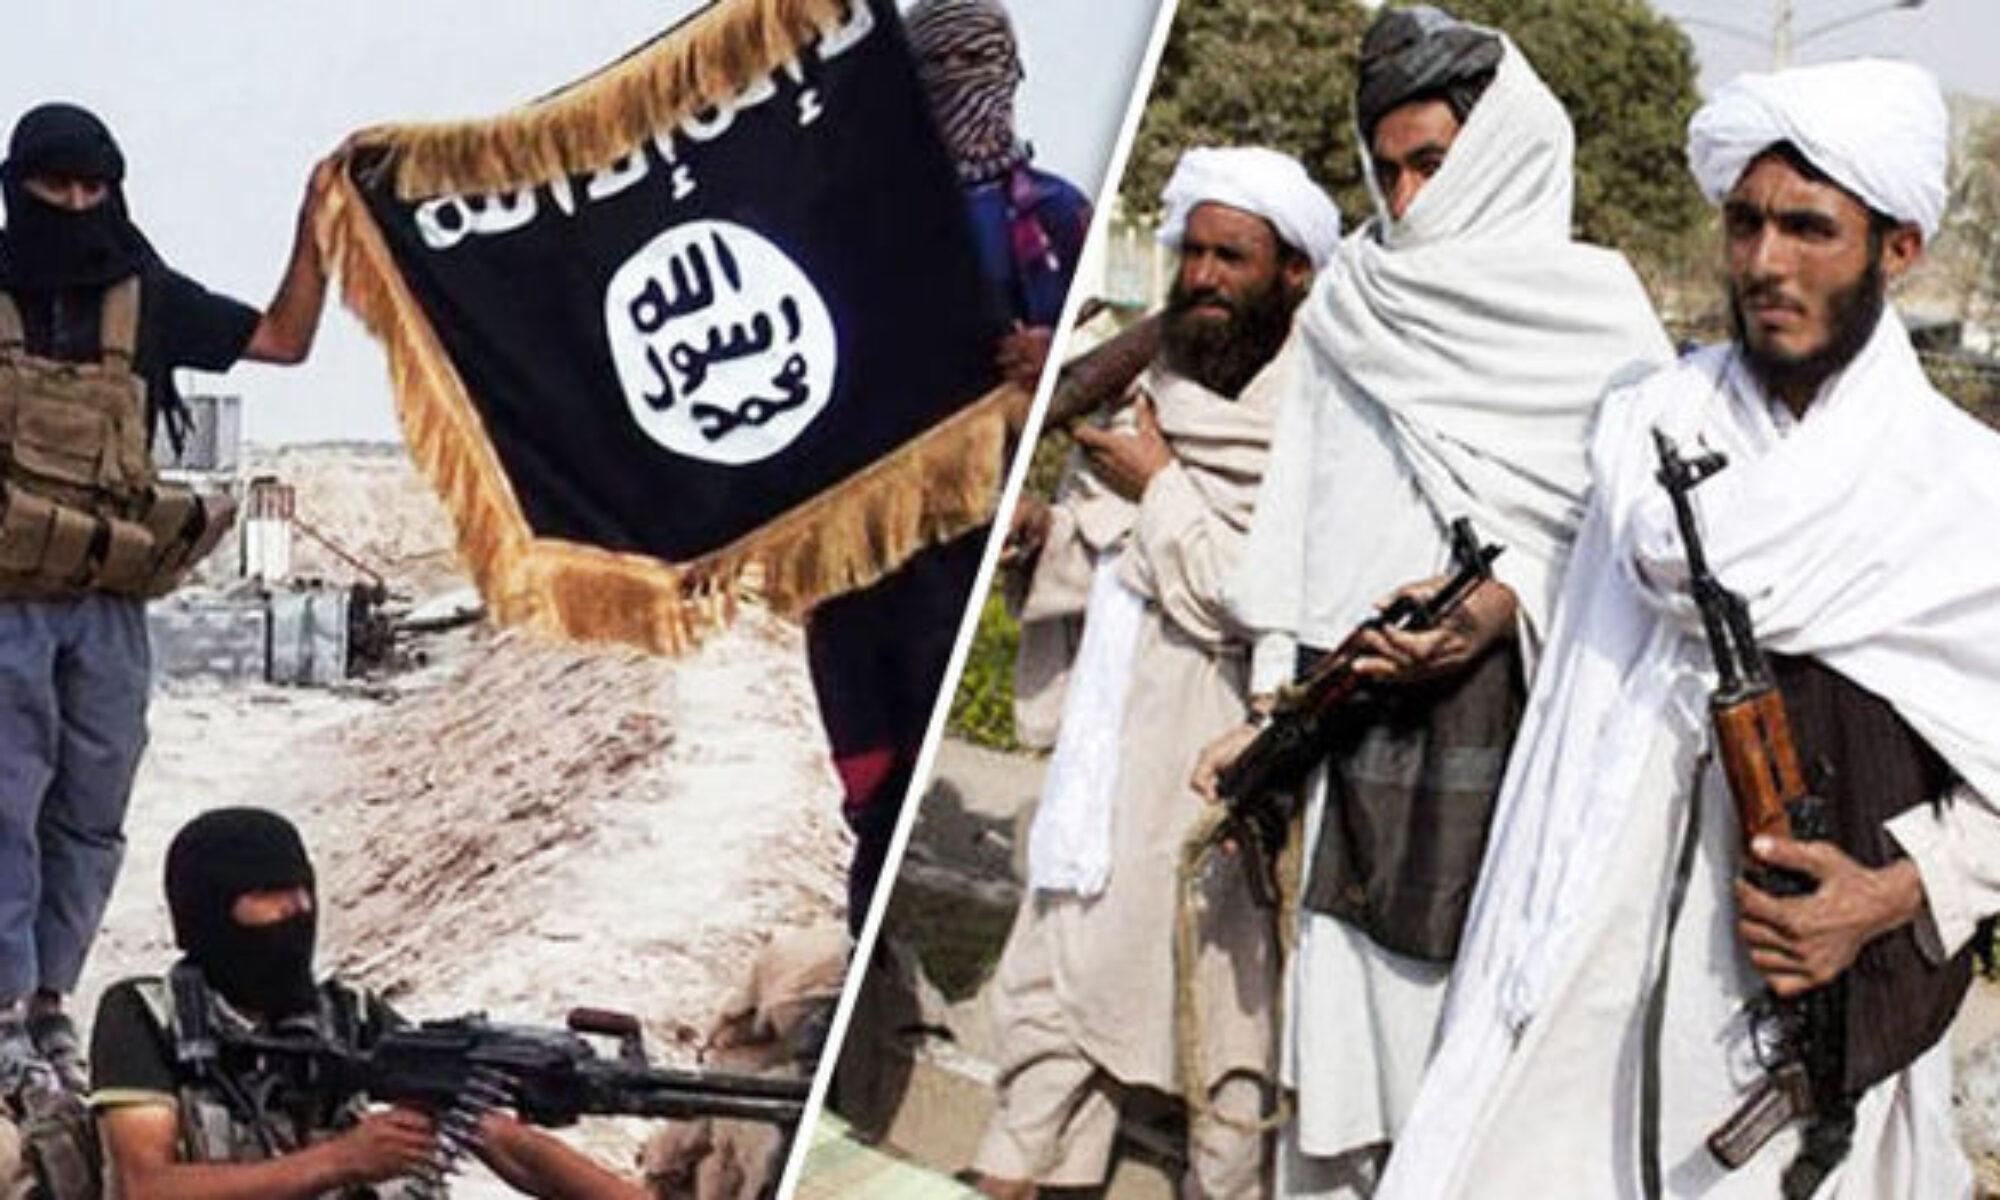 Rusya: Libya ve Suriye'deki IŞİD militanları aktif şekilde Afganistan'a doğru ilerliyor